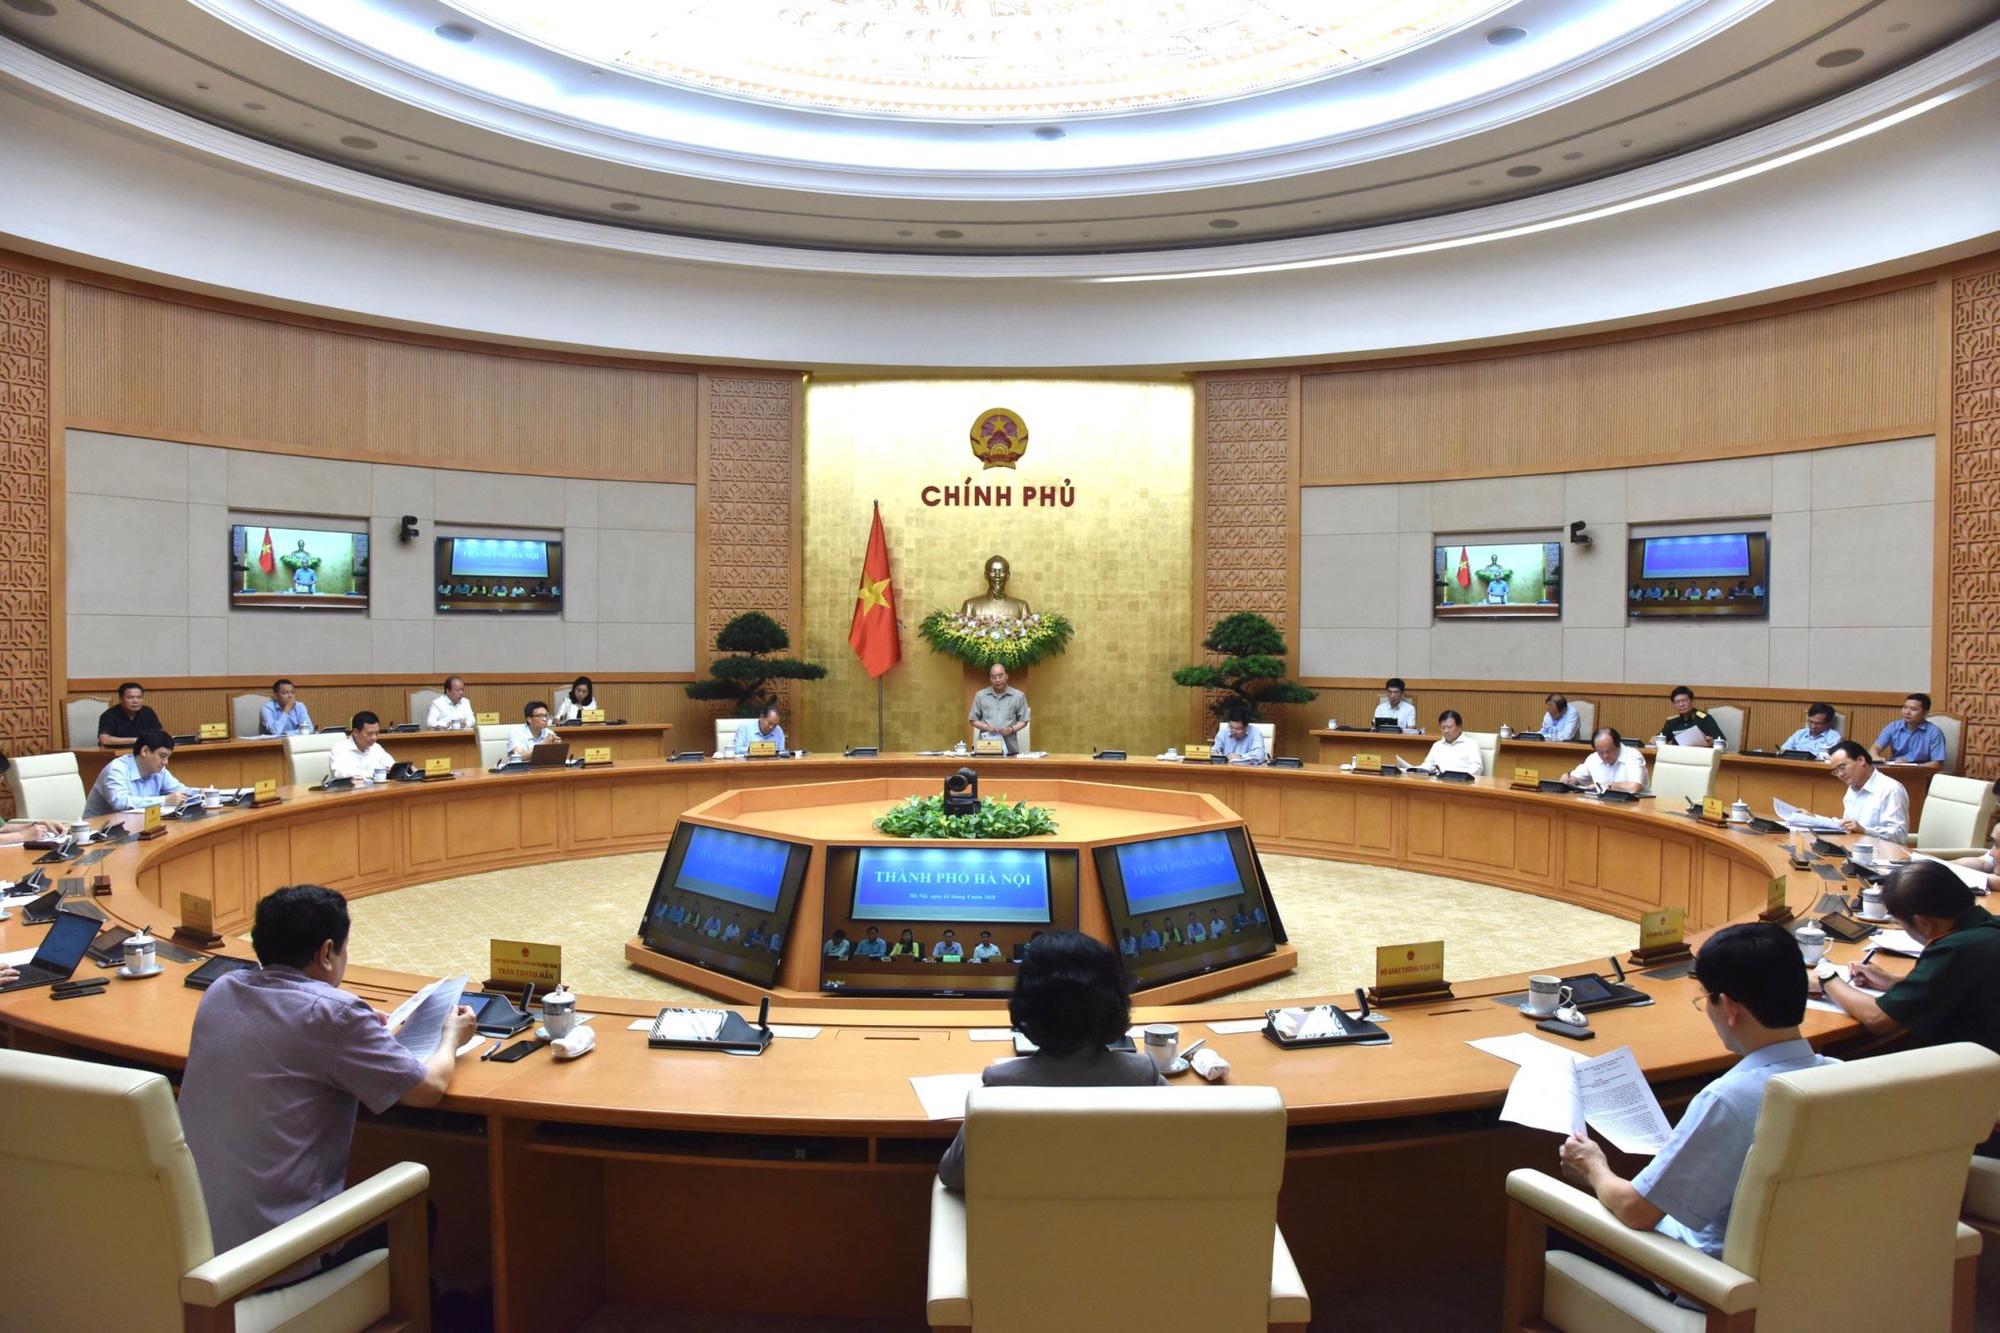 Thủ tướng chủ trì họp trực tuyến với các địa phương về phòng chống dịch COVID-19-2